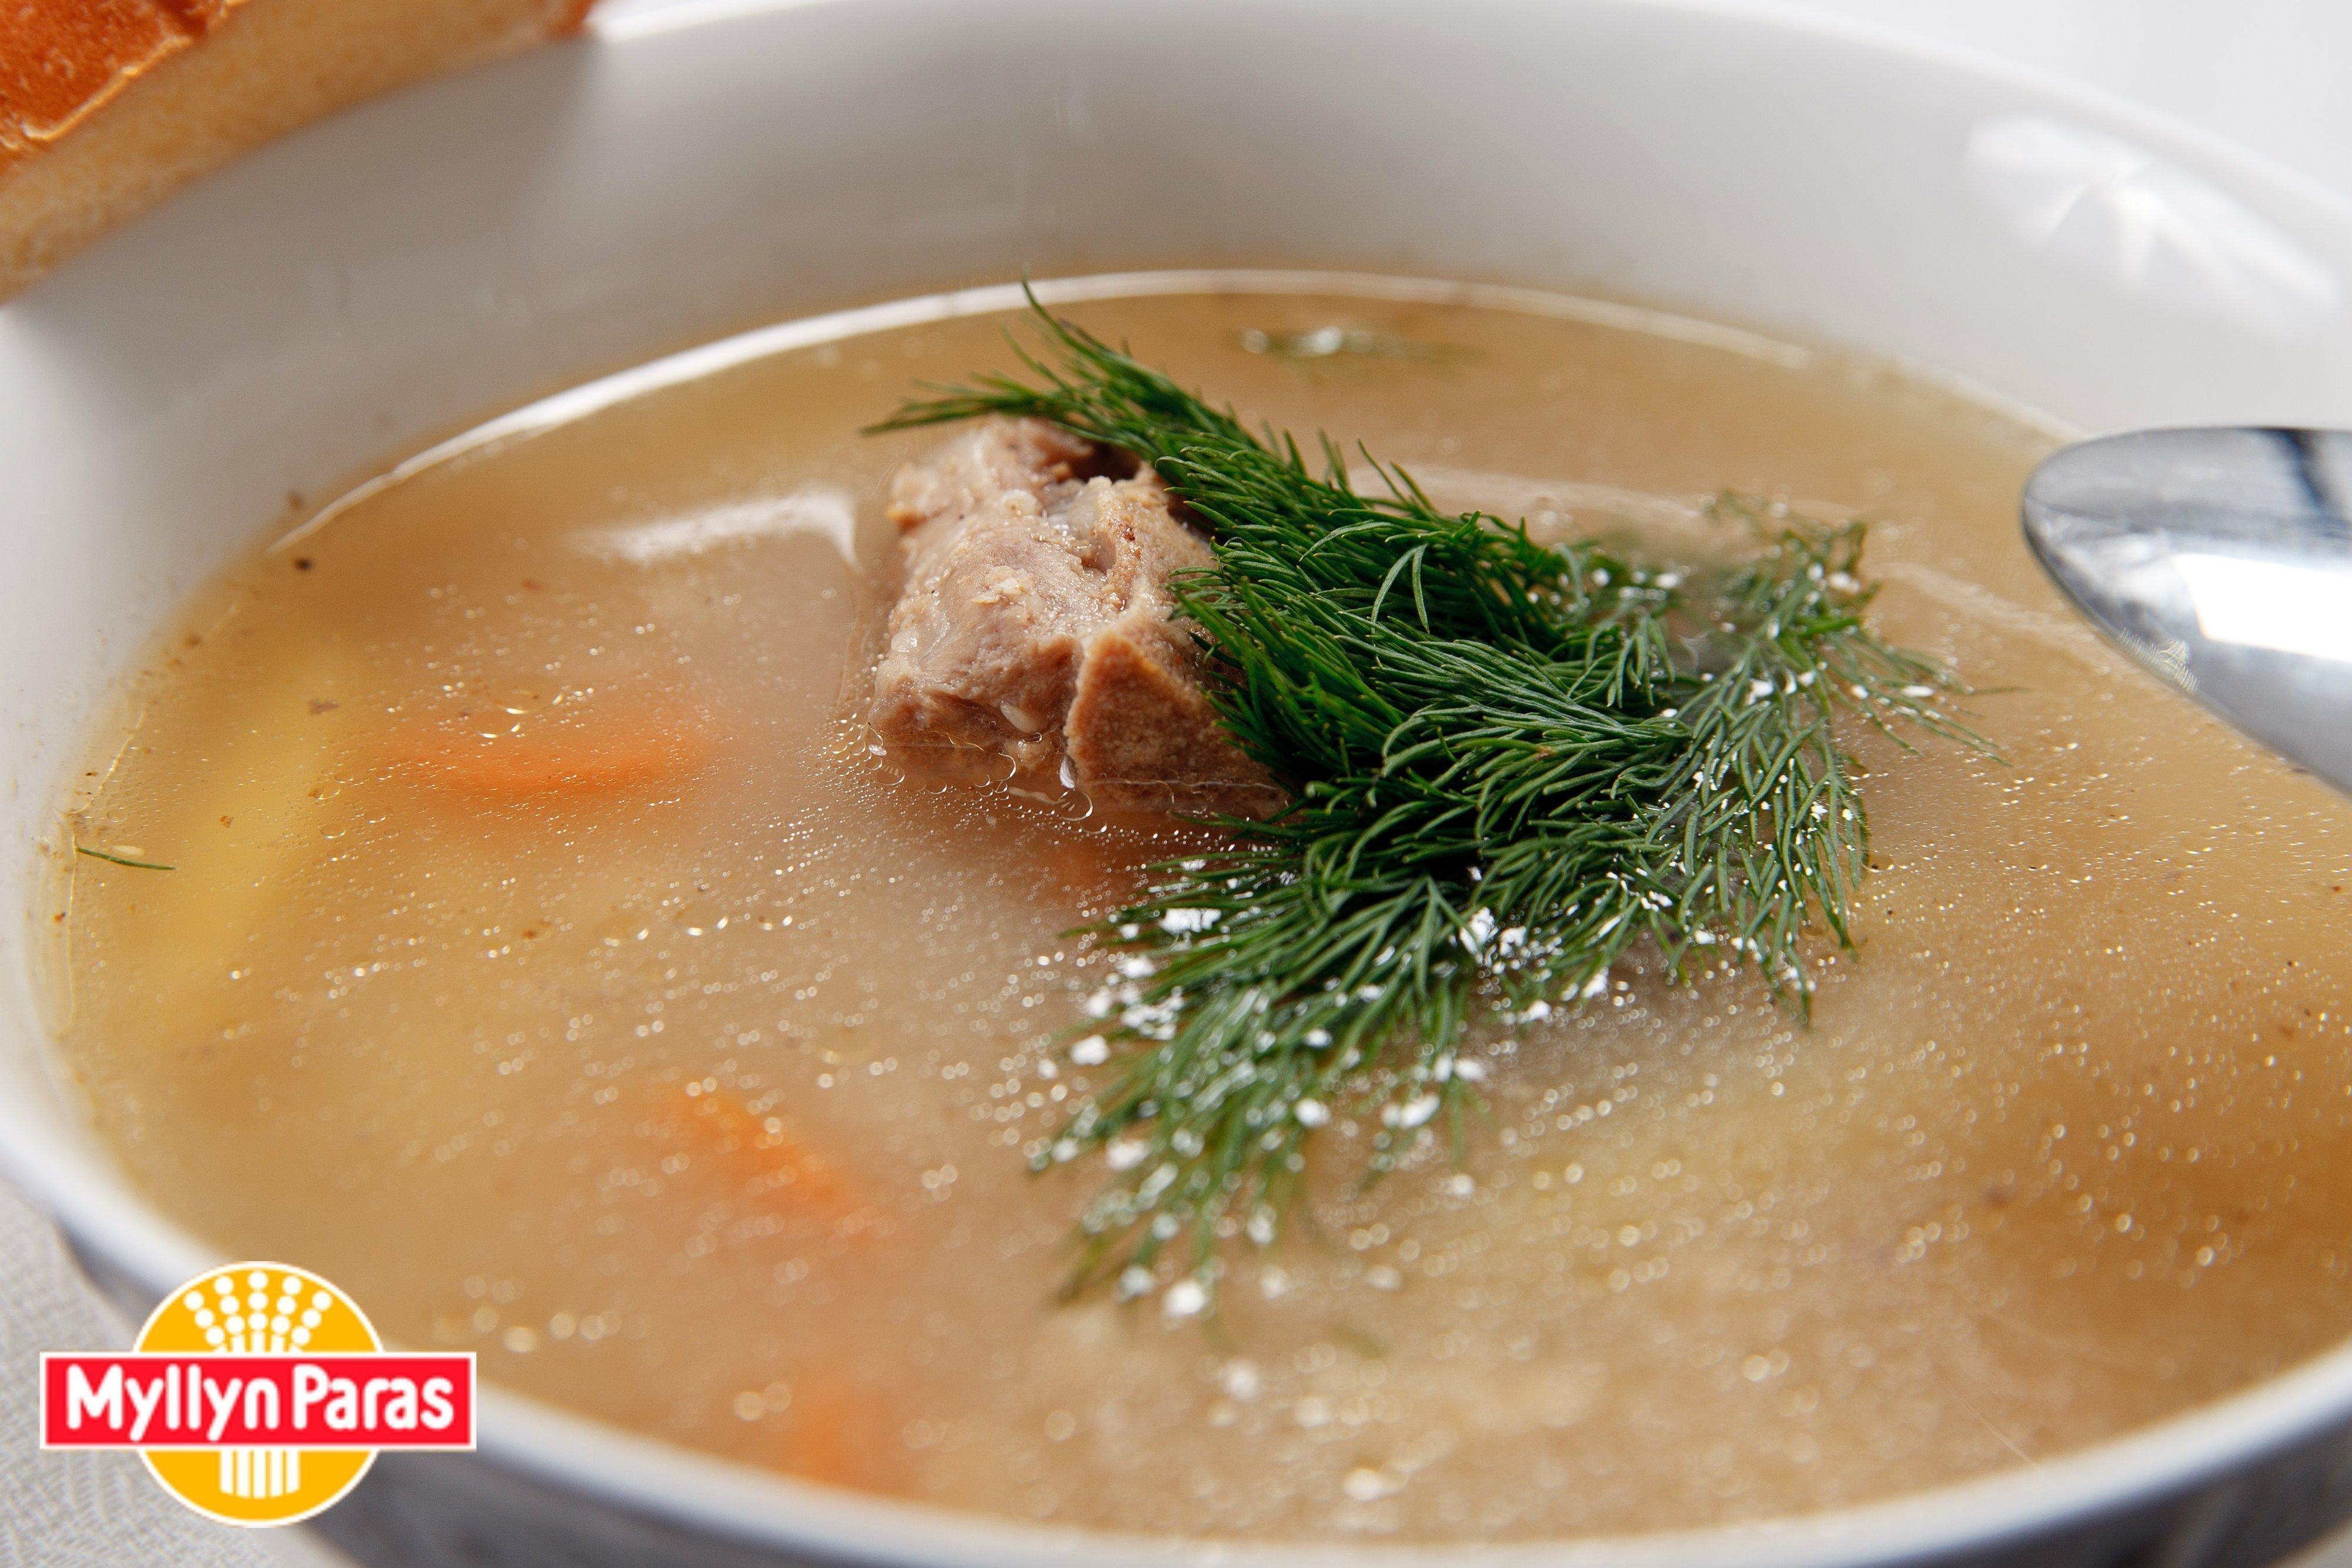 Суп с говядиной и гречкой рецепт пошагово с